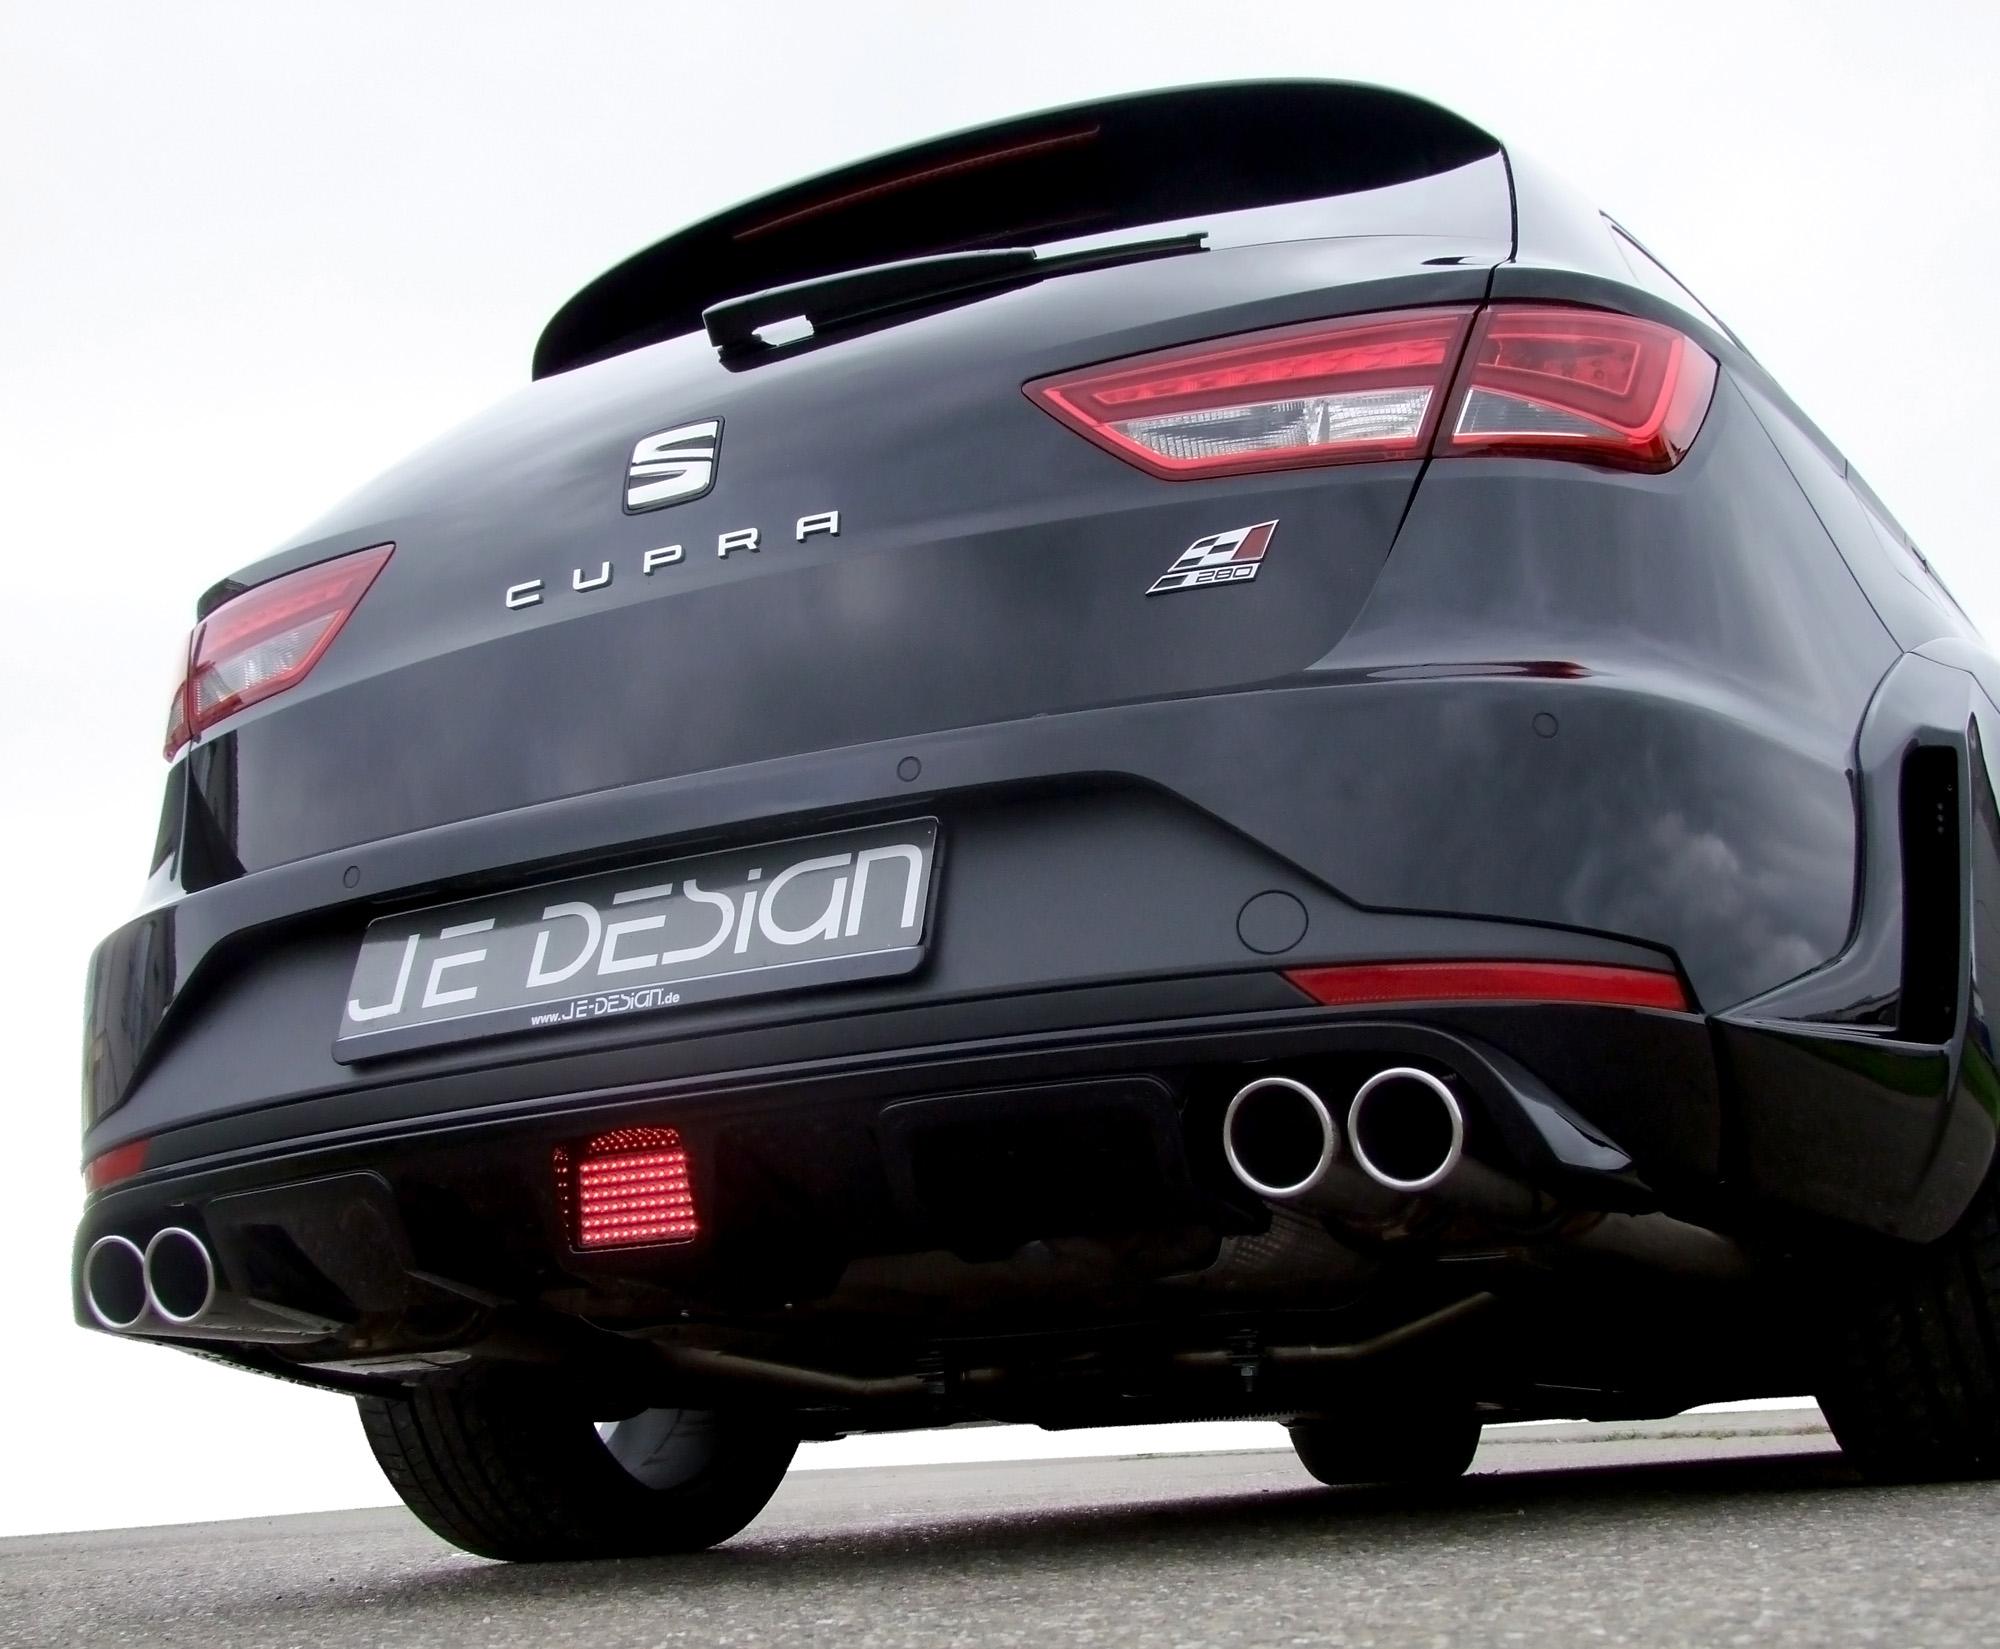 Nicht zu übersehen: An der Heckpartie des Seat Leon Cupra ST Widebody kooperieren Diffusor und Doppelendrohre.